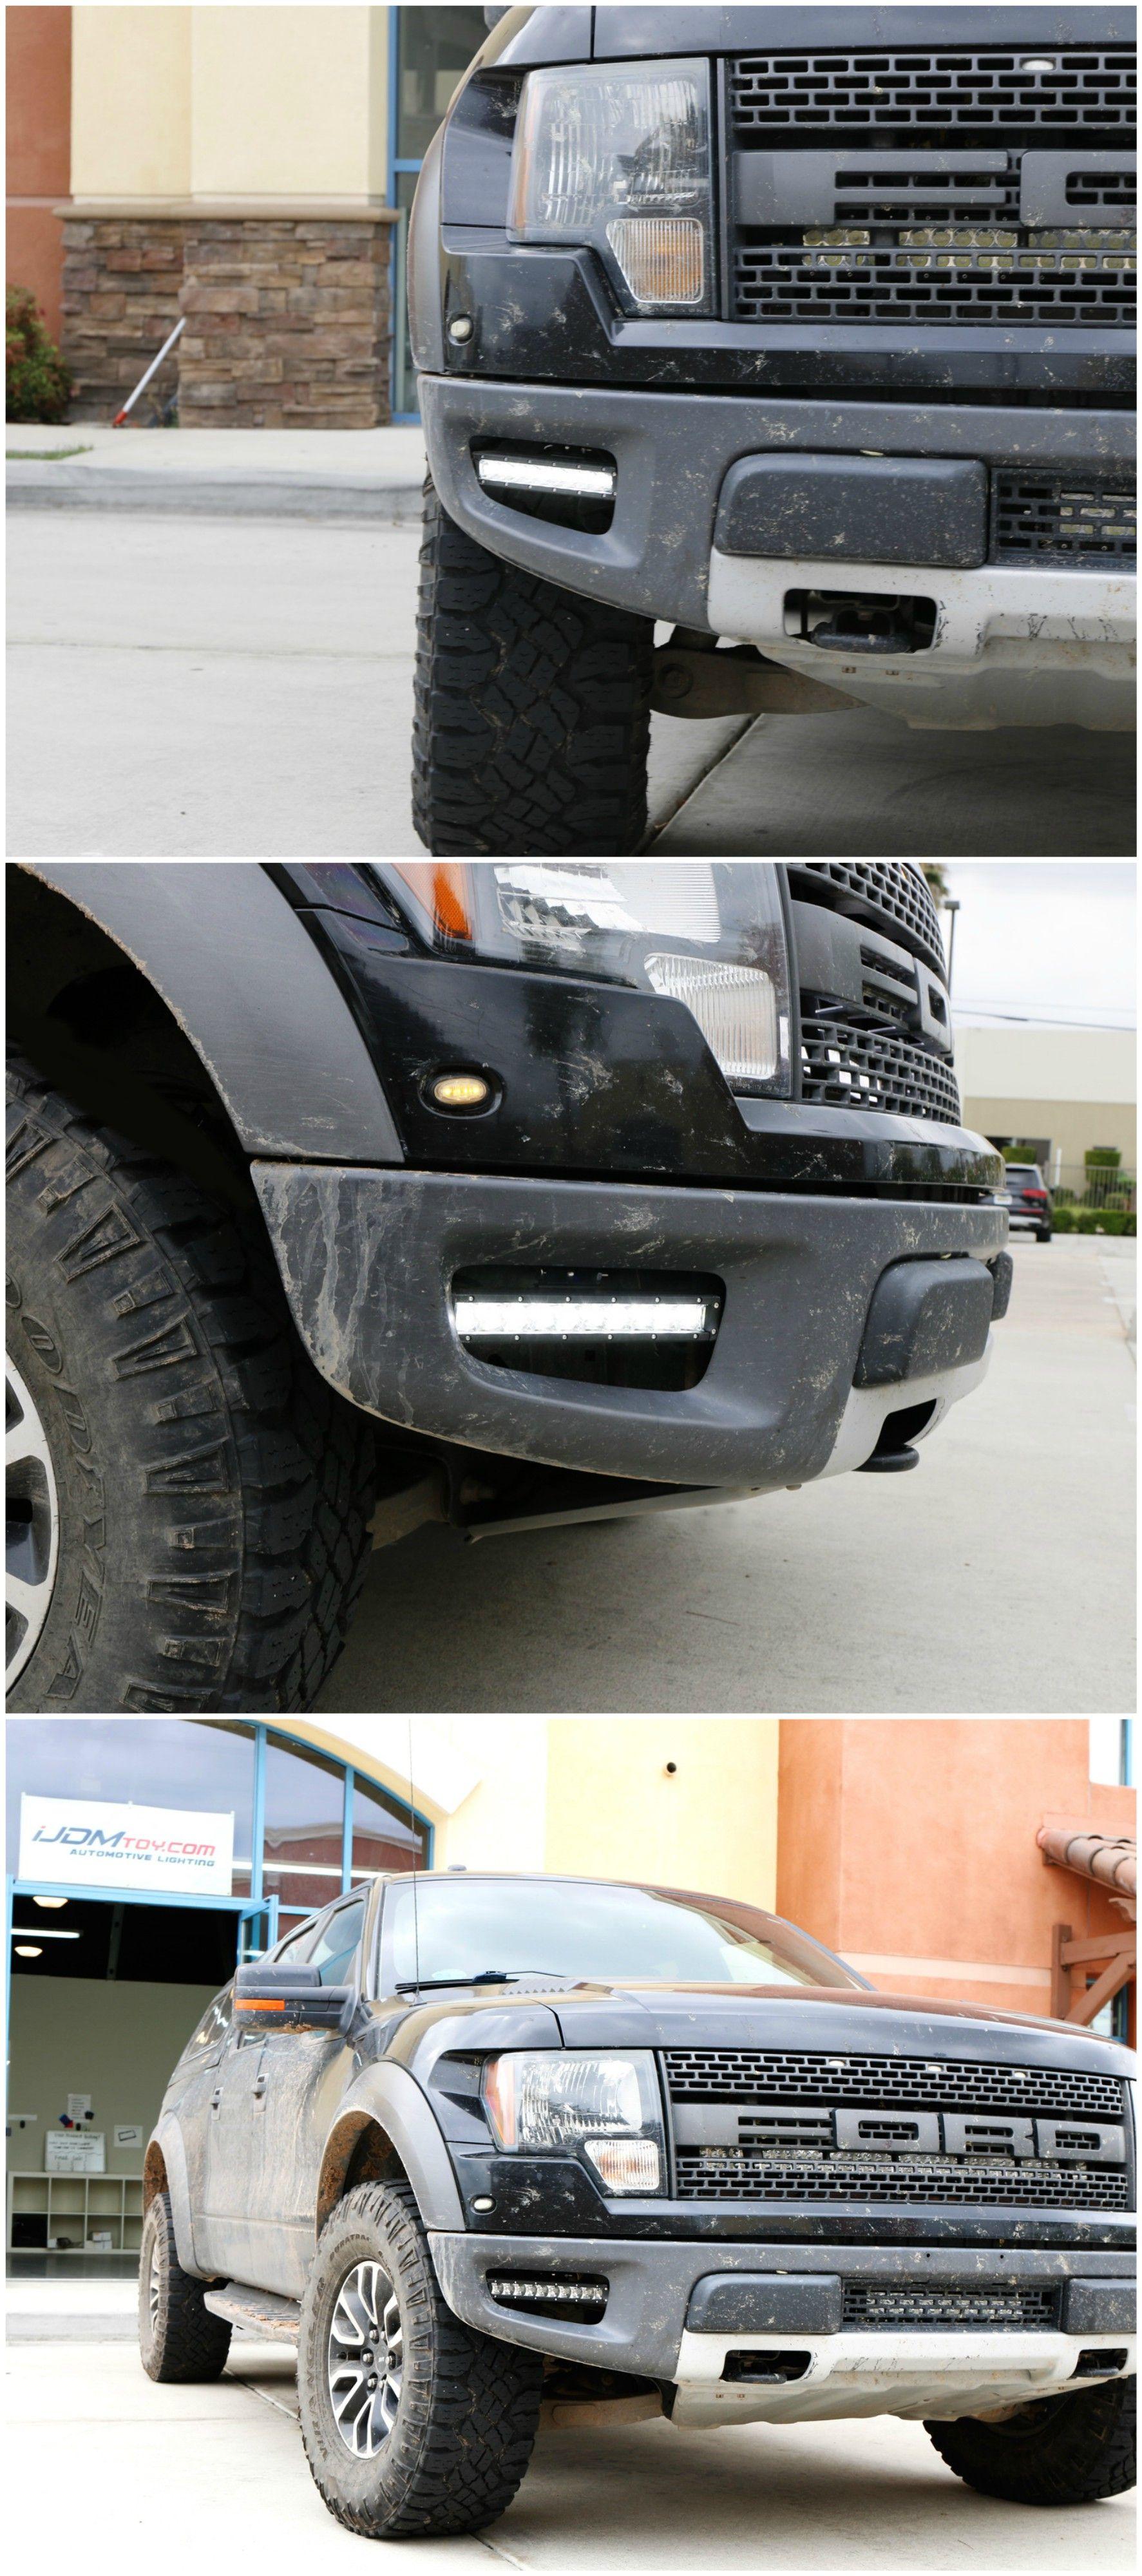 Easily Bolt On Our New Led Light Bar Fog Lamps To Fill Your Empty Fog Light Space And Achieve Super Lighting F Led Light Bars Ford Raptor Lighting Bar Lighting